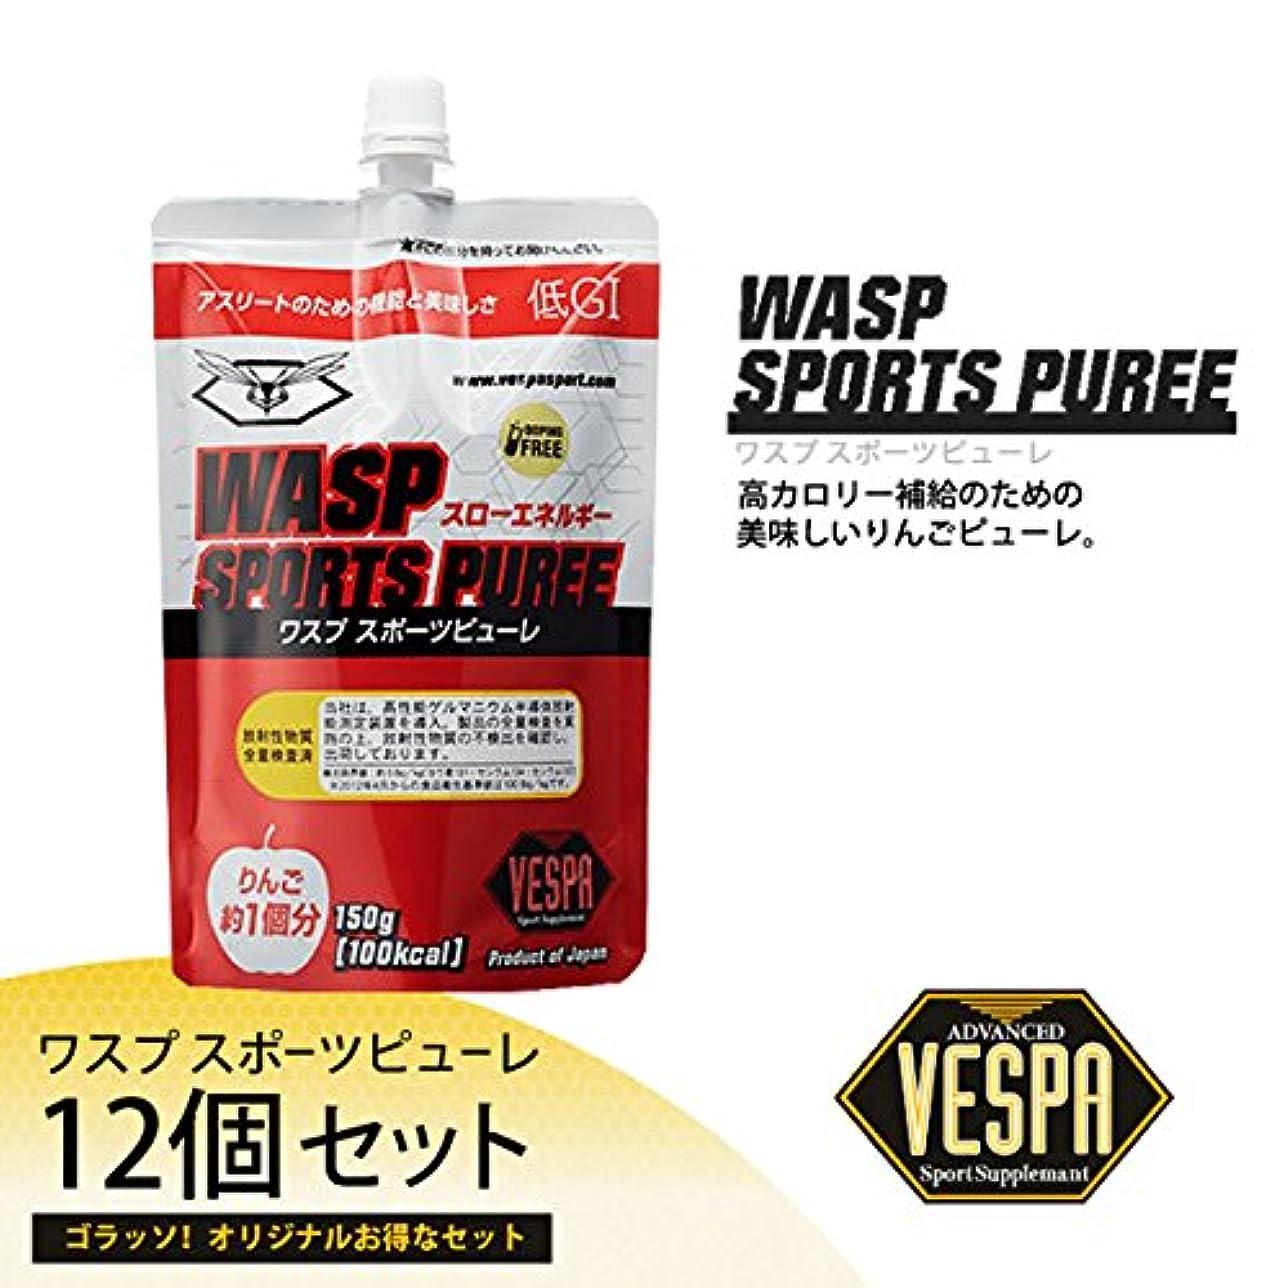 レーダー電報順番VESPA(べスパ) WASP SPORTS PUREE(ワスプ スポーツピューレ) 150ml ×12個